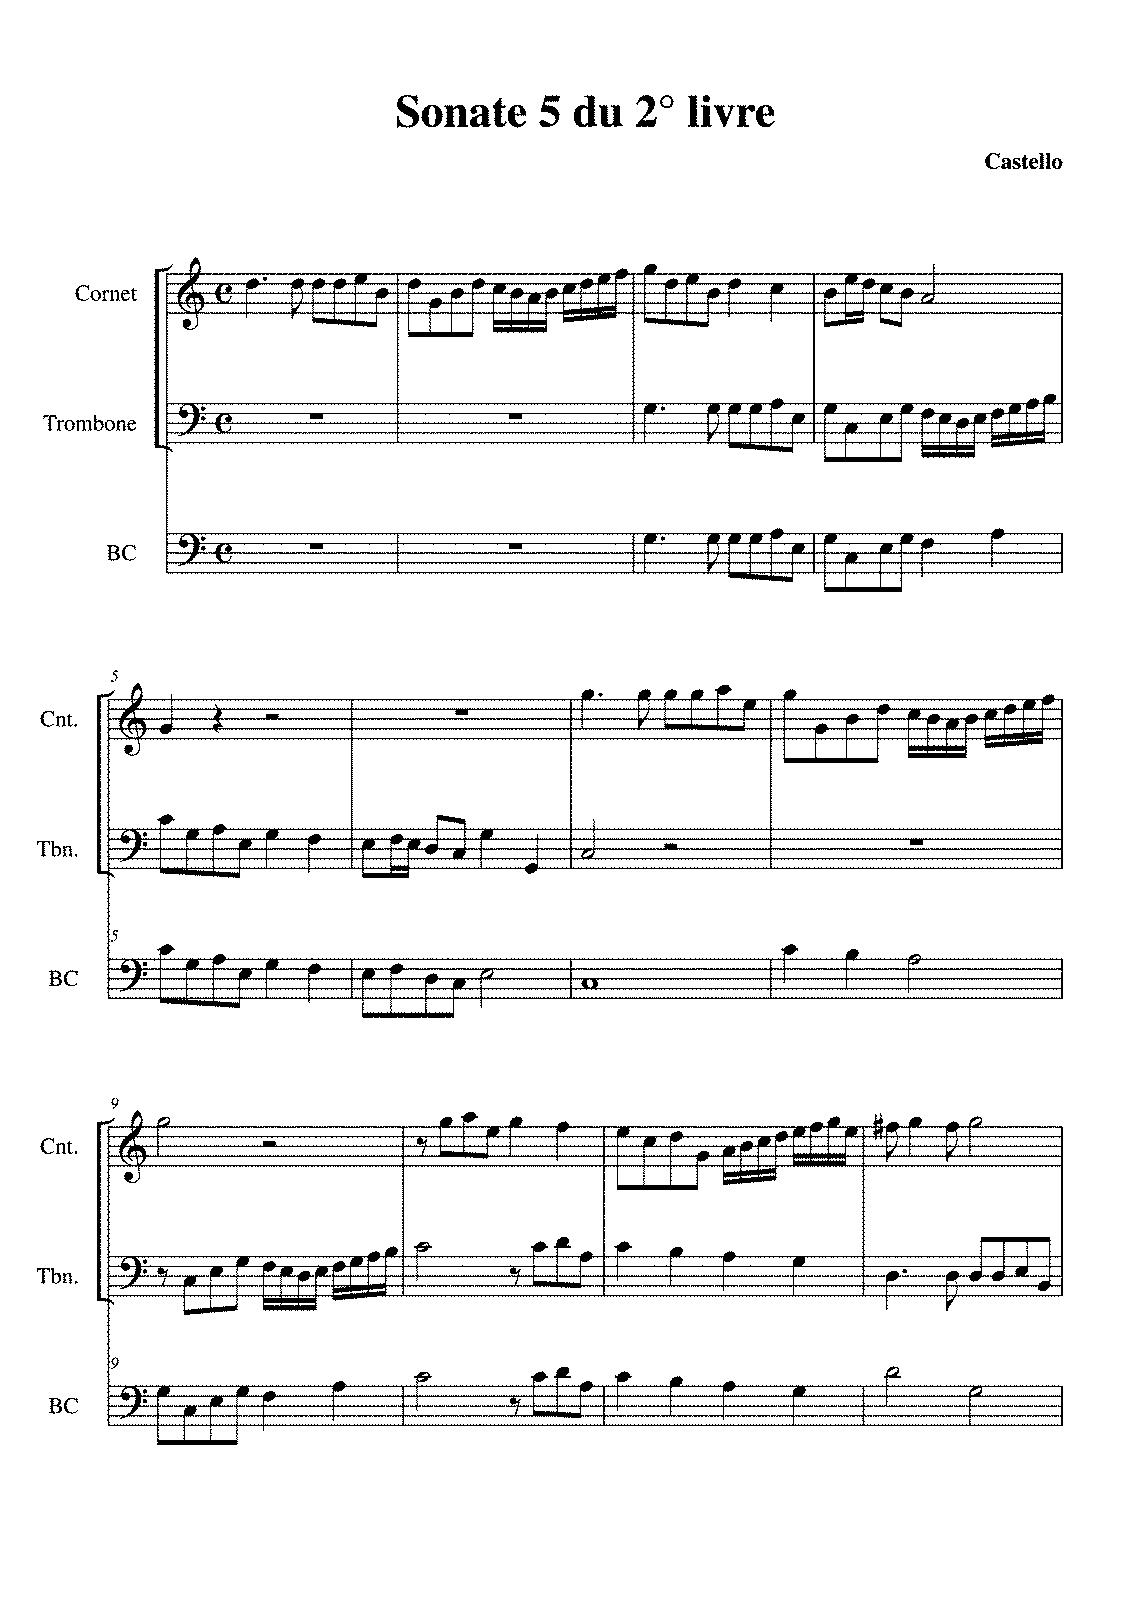 Castello sonata prima pdf printer